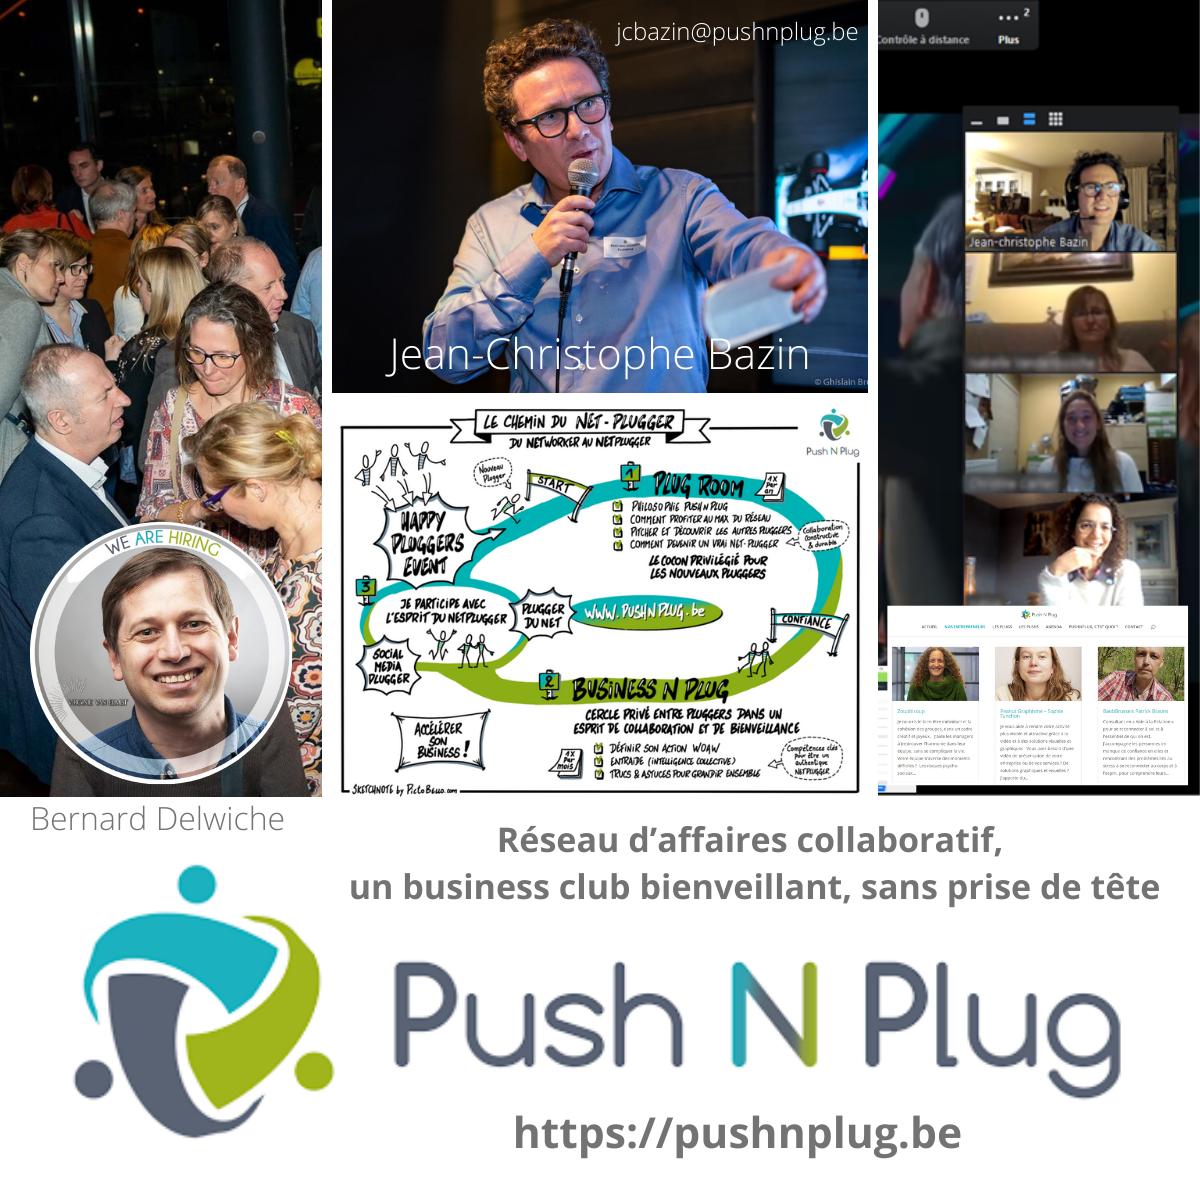 Réseau d'affaires collaboratif, un business club bienveillant, sans prise de tête  Push N Plug  https://pushnplug.be